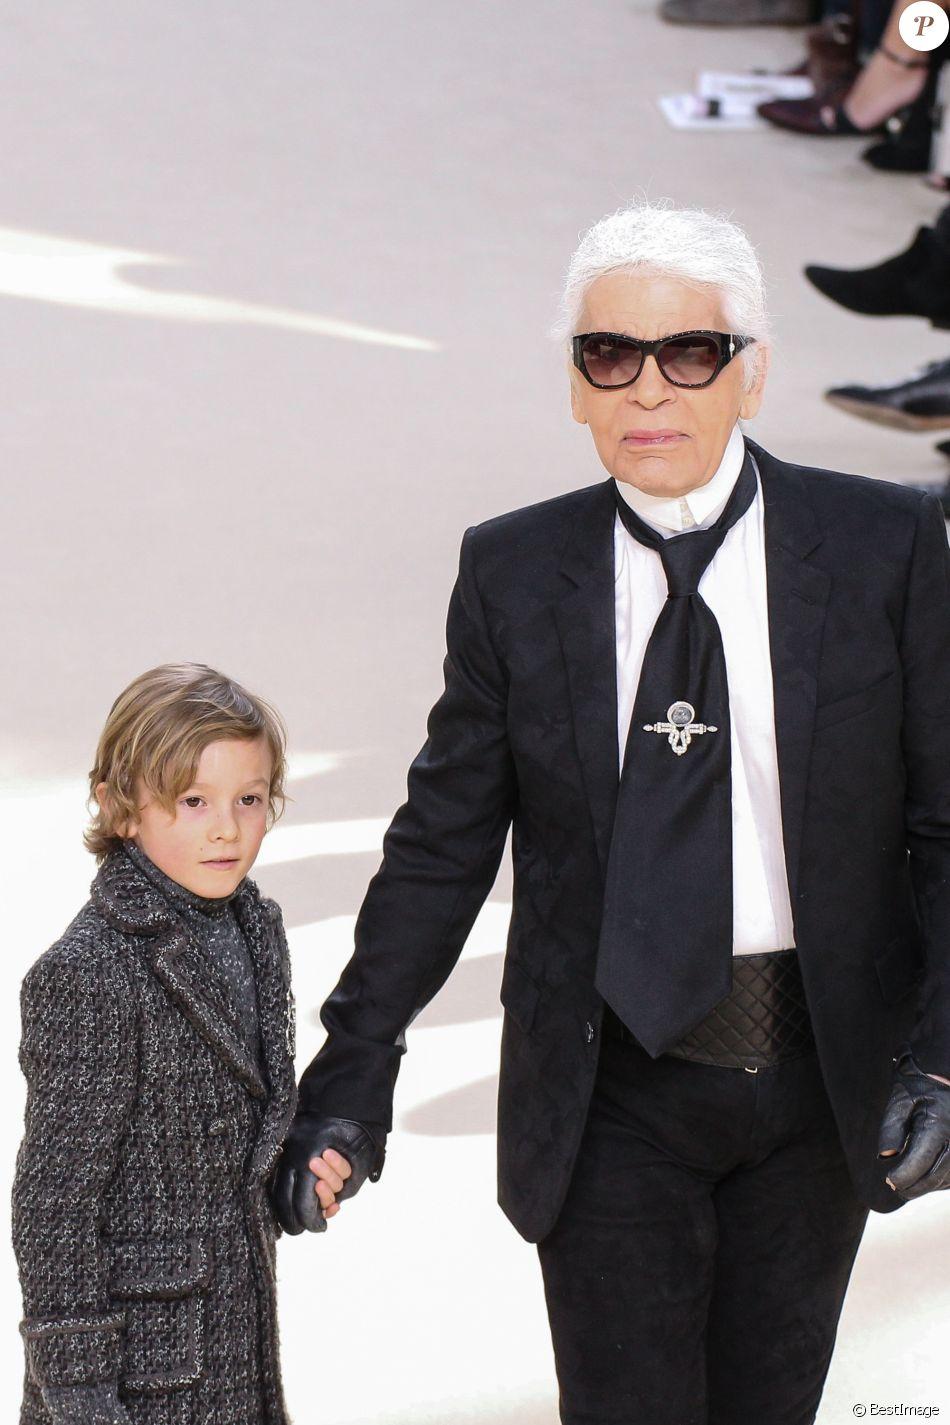 Karl Lagerfeld et son filleul Hudson Kroenig, le fils du